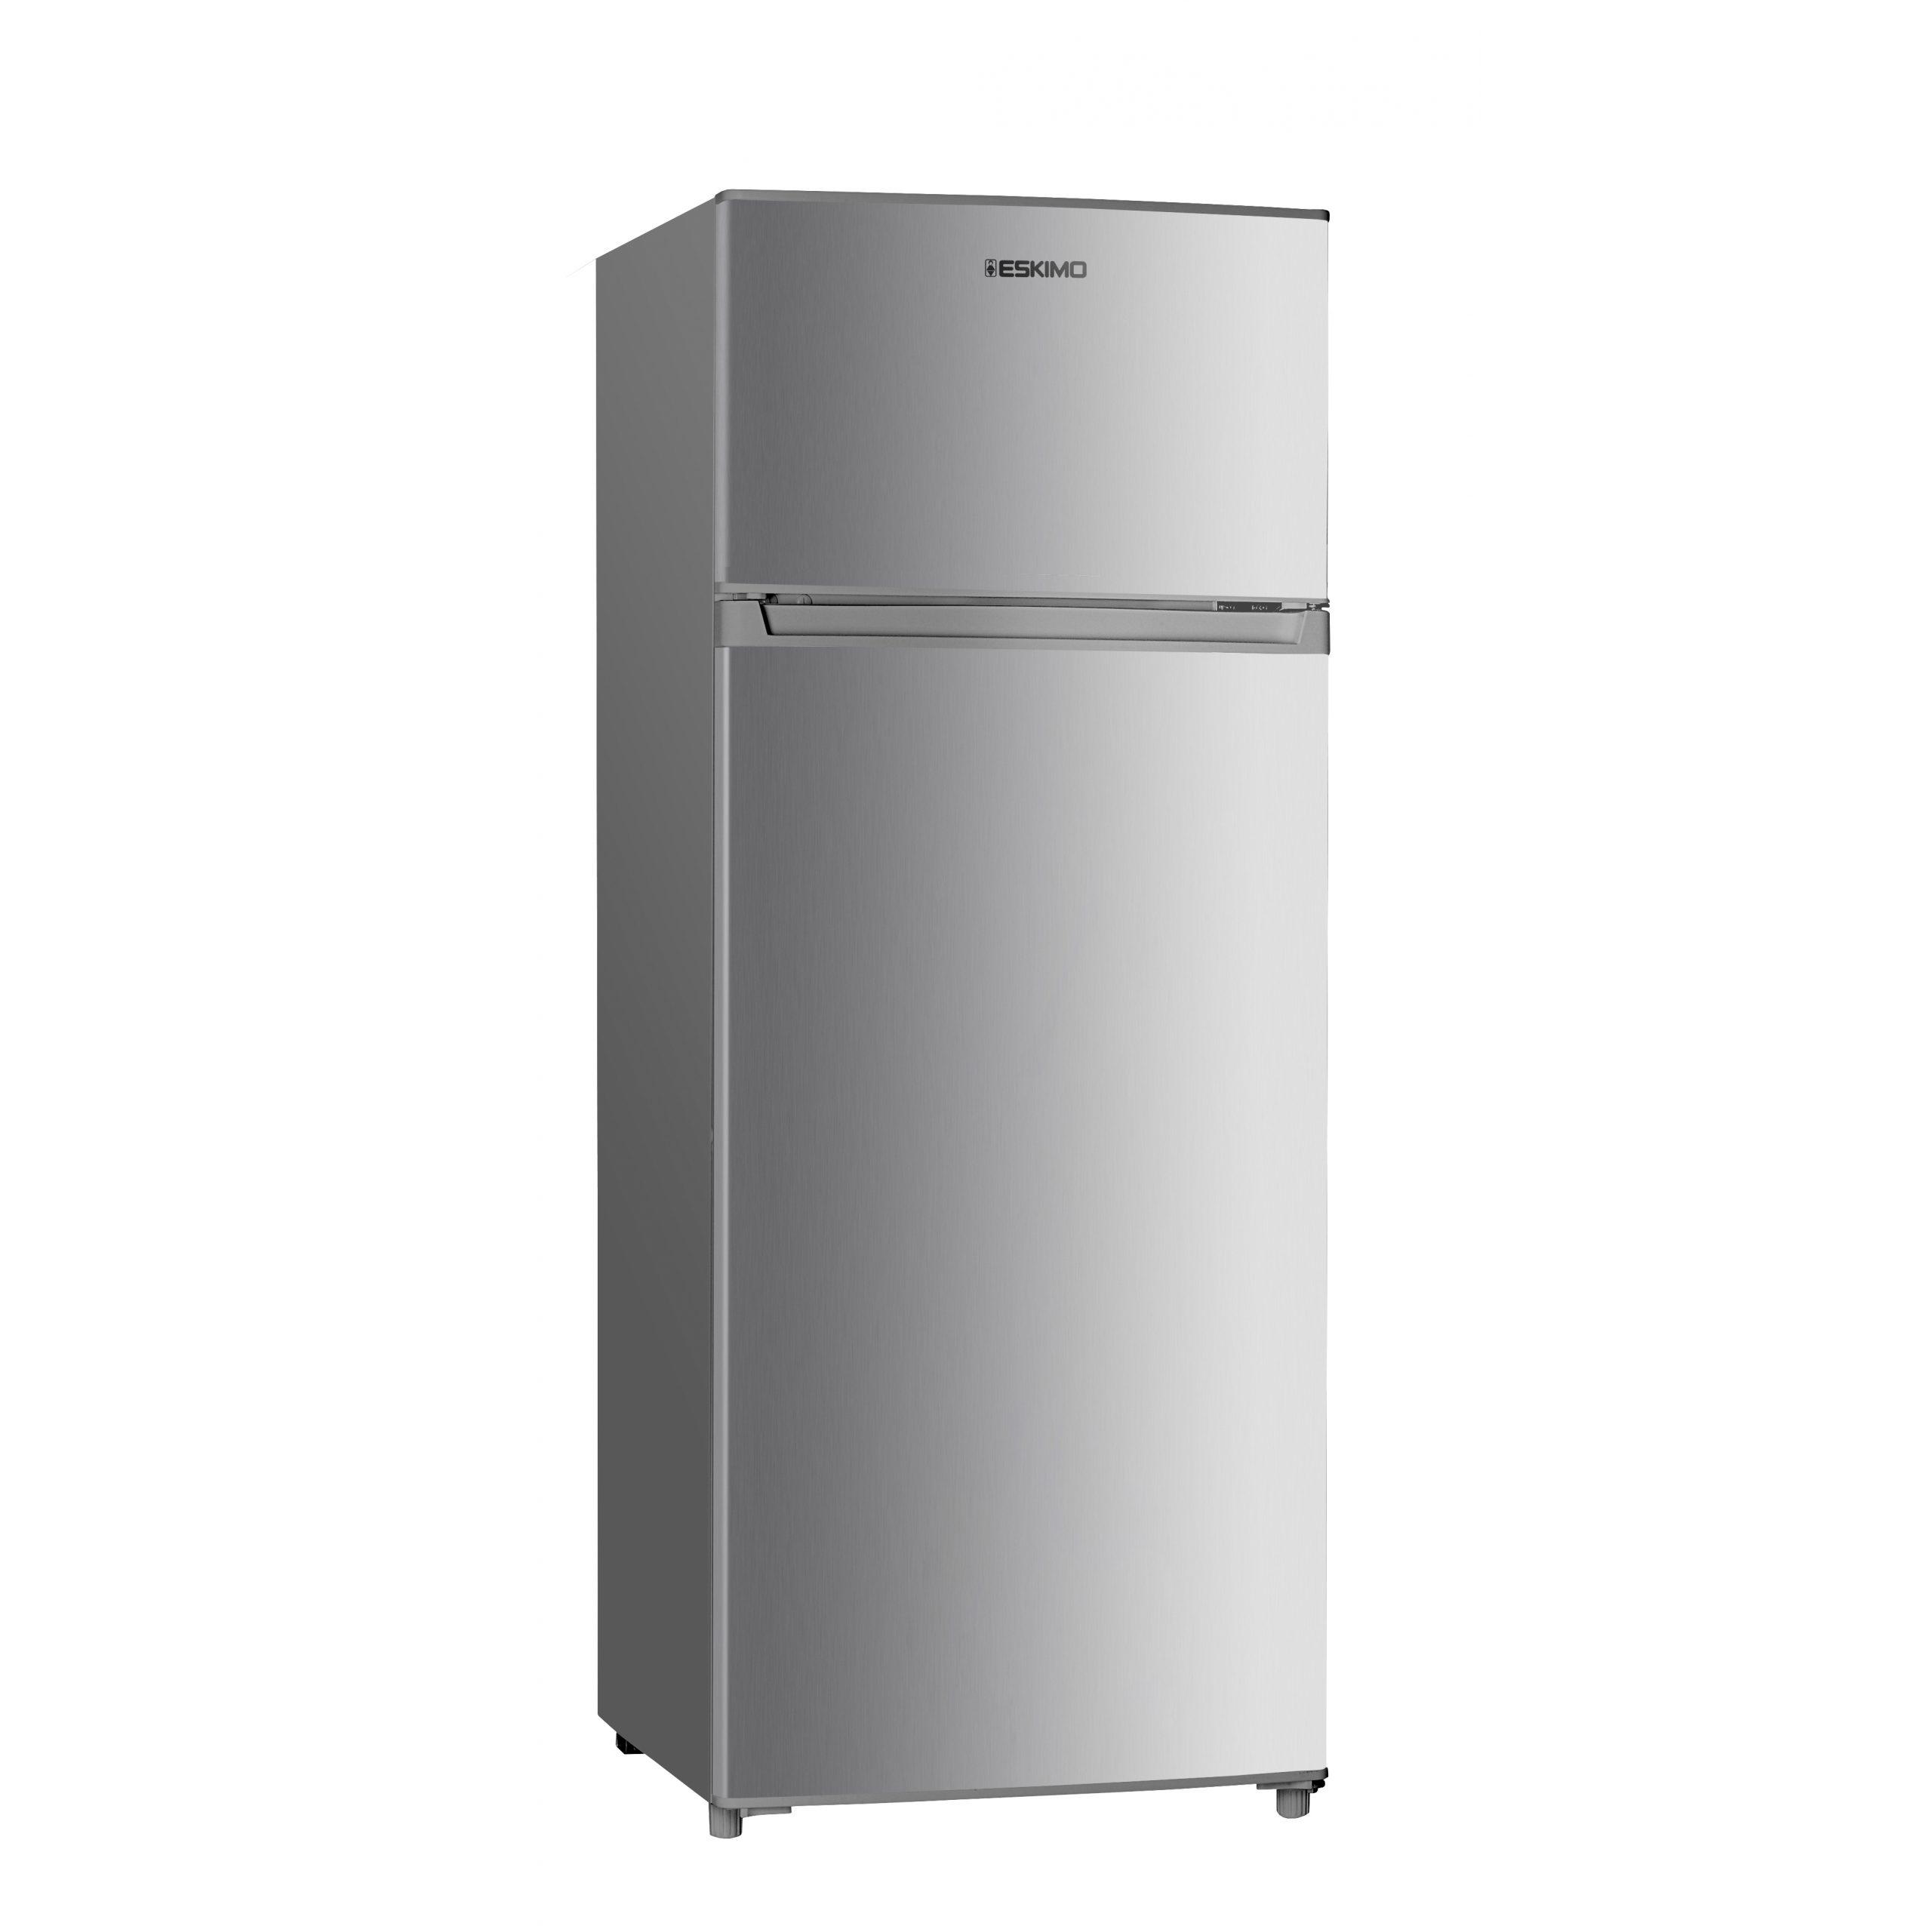 Δίπορτο Ψυγείο Eskimo ES RTF205SFS